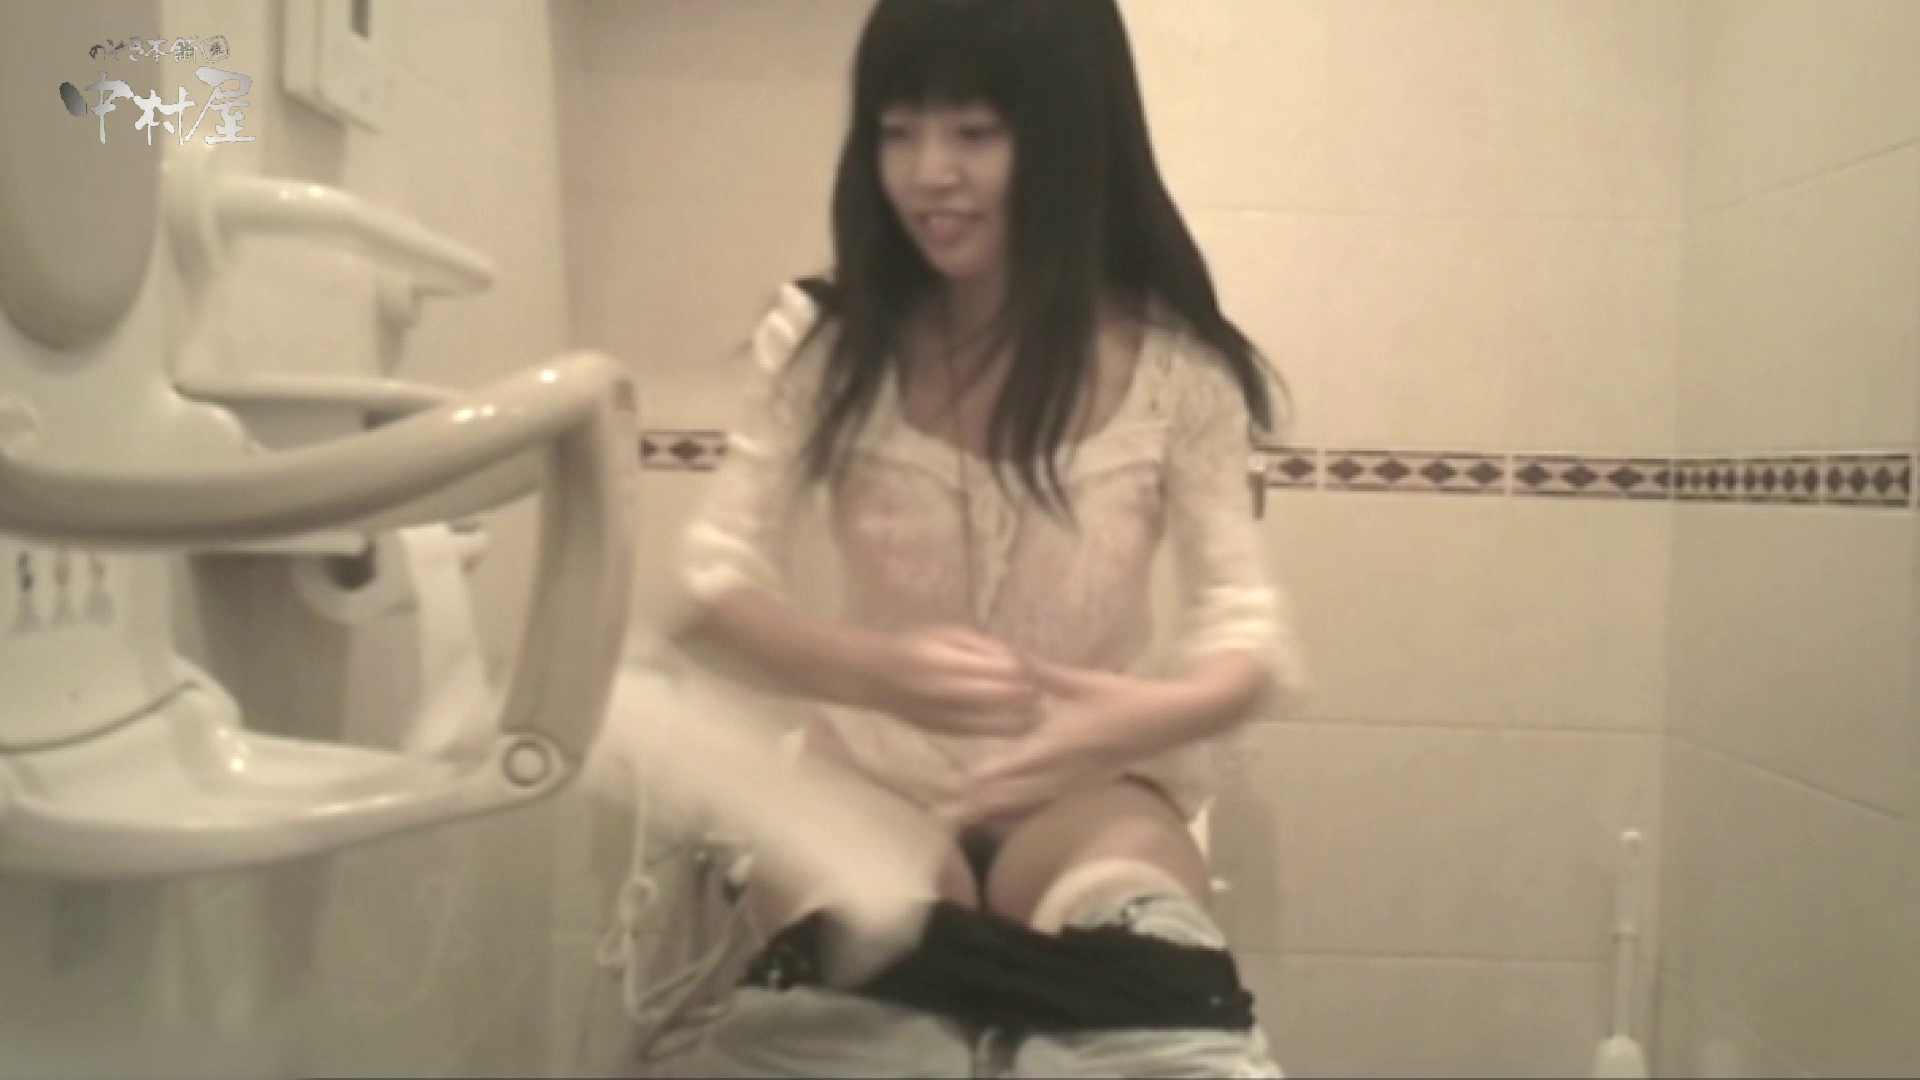 ティーンガールのトイレ覗き‼vol.19 女子大生のエロ動画 オメコ無修正動画無料 111PIX 106